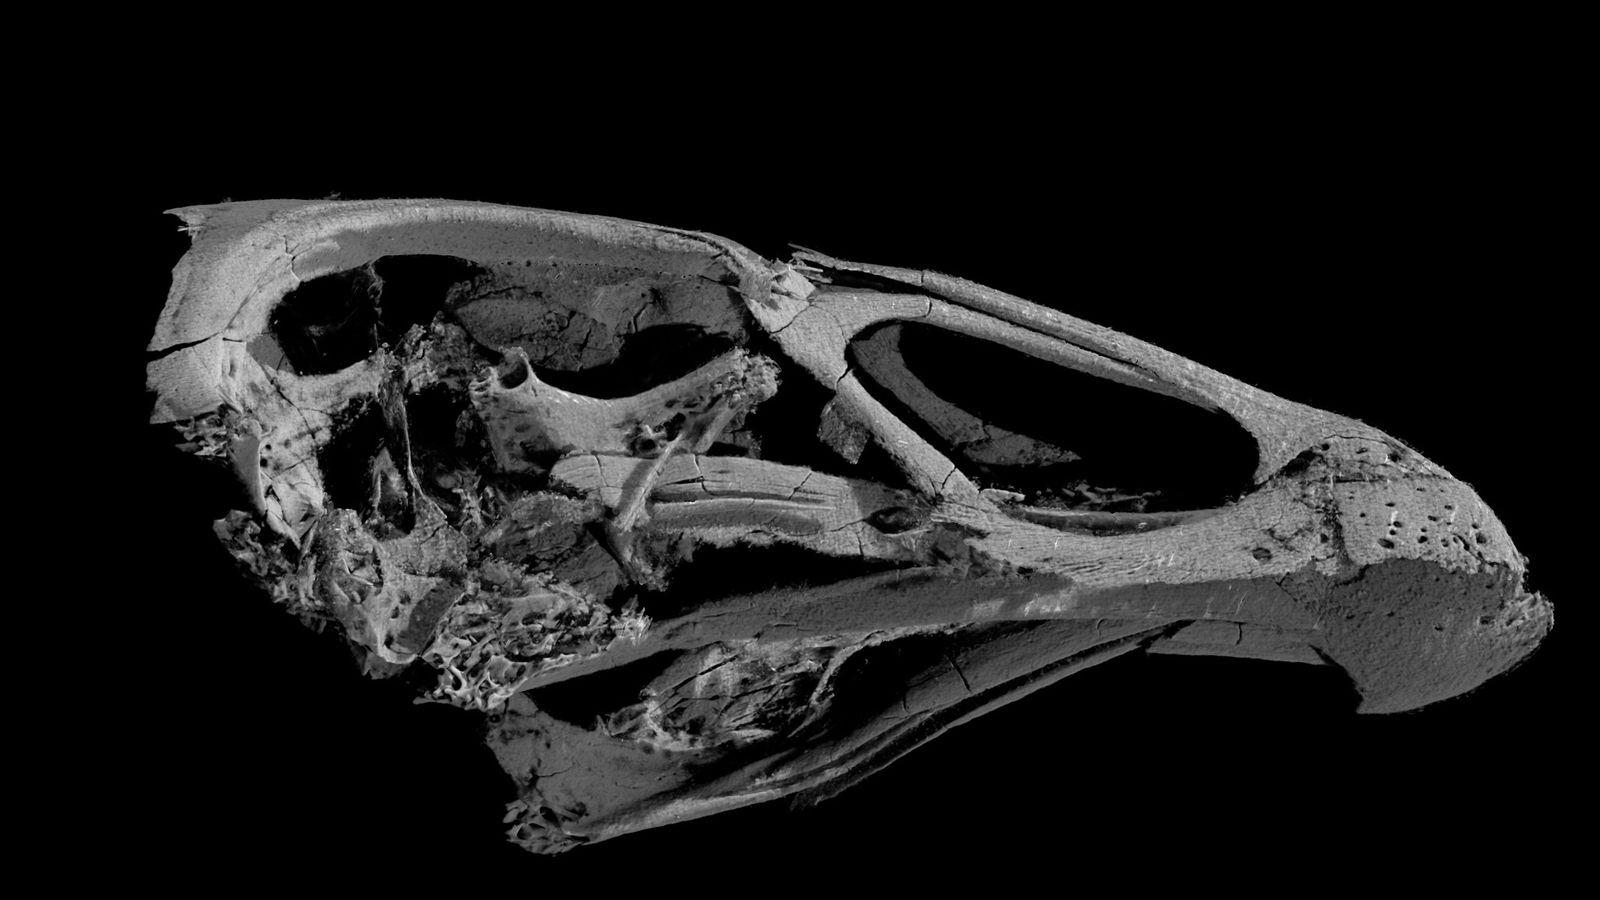 Imagem em 3D do crânio da ave moderna mais antiga conhecida, Asteriornis maastrichtensis.